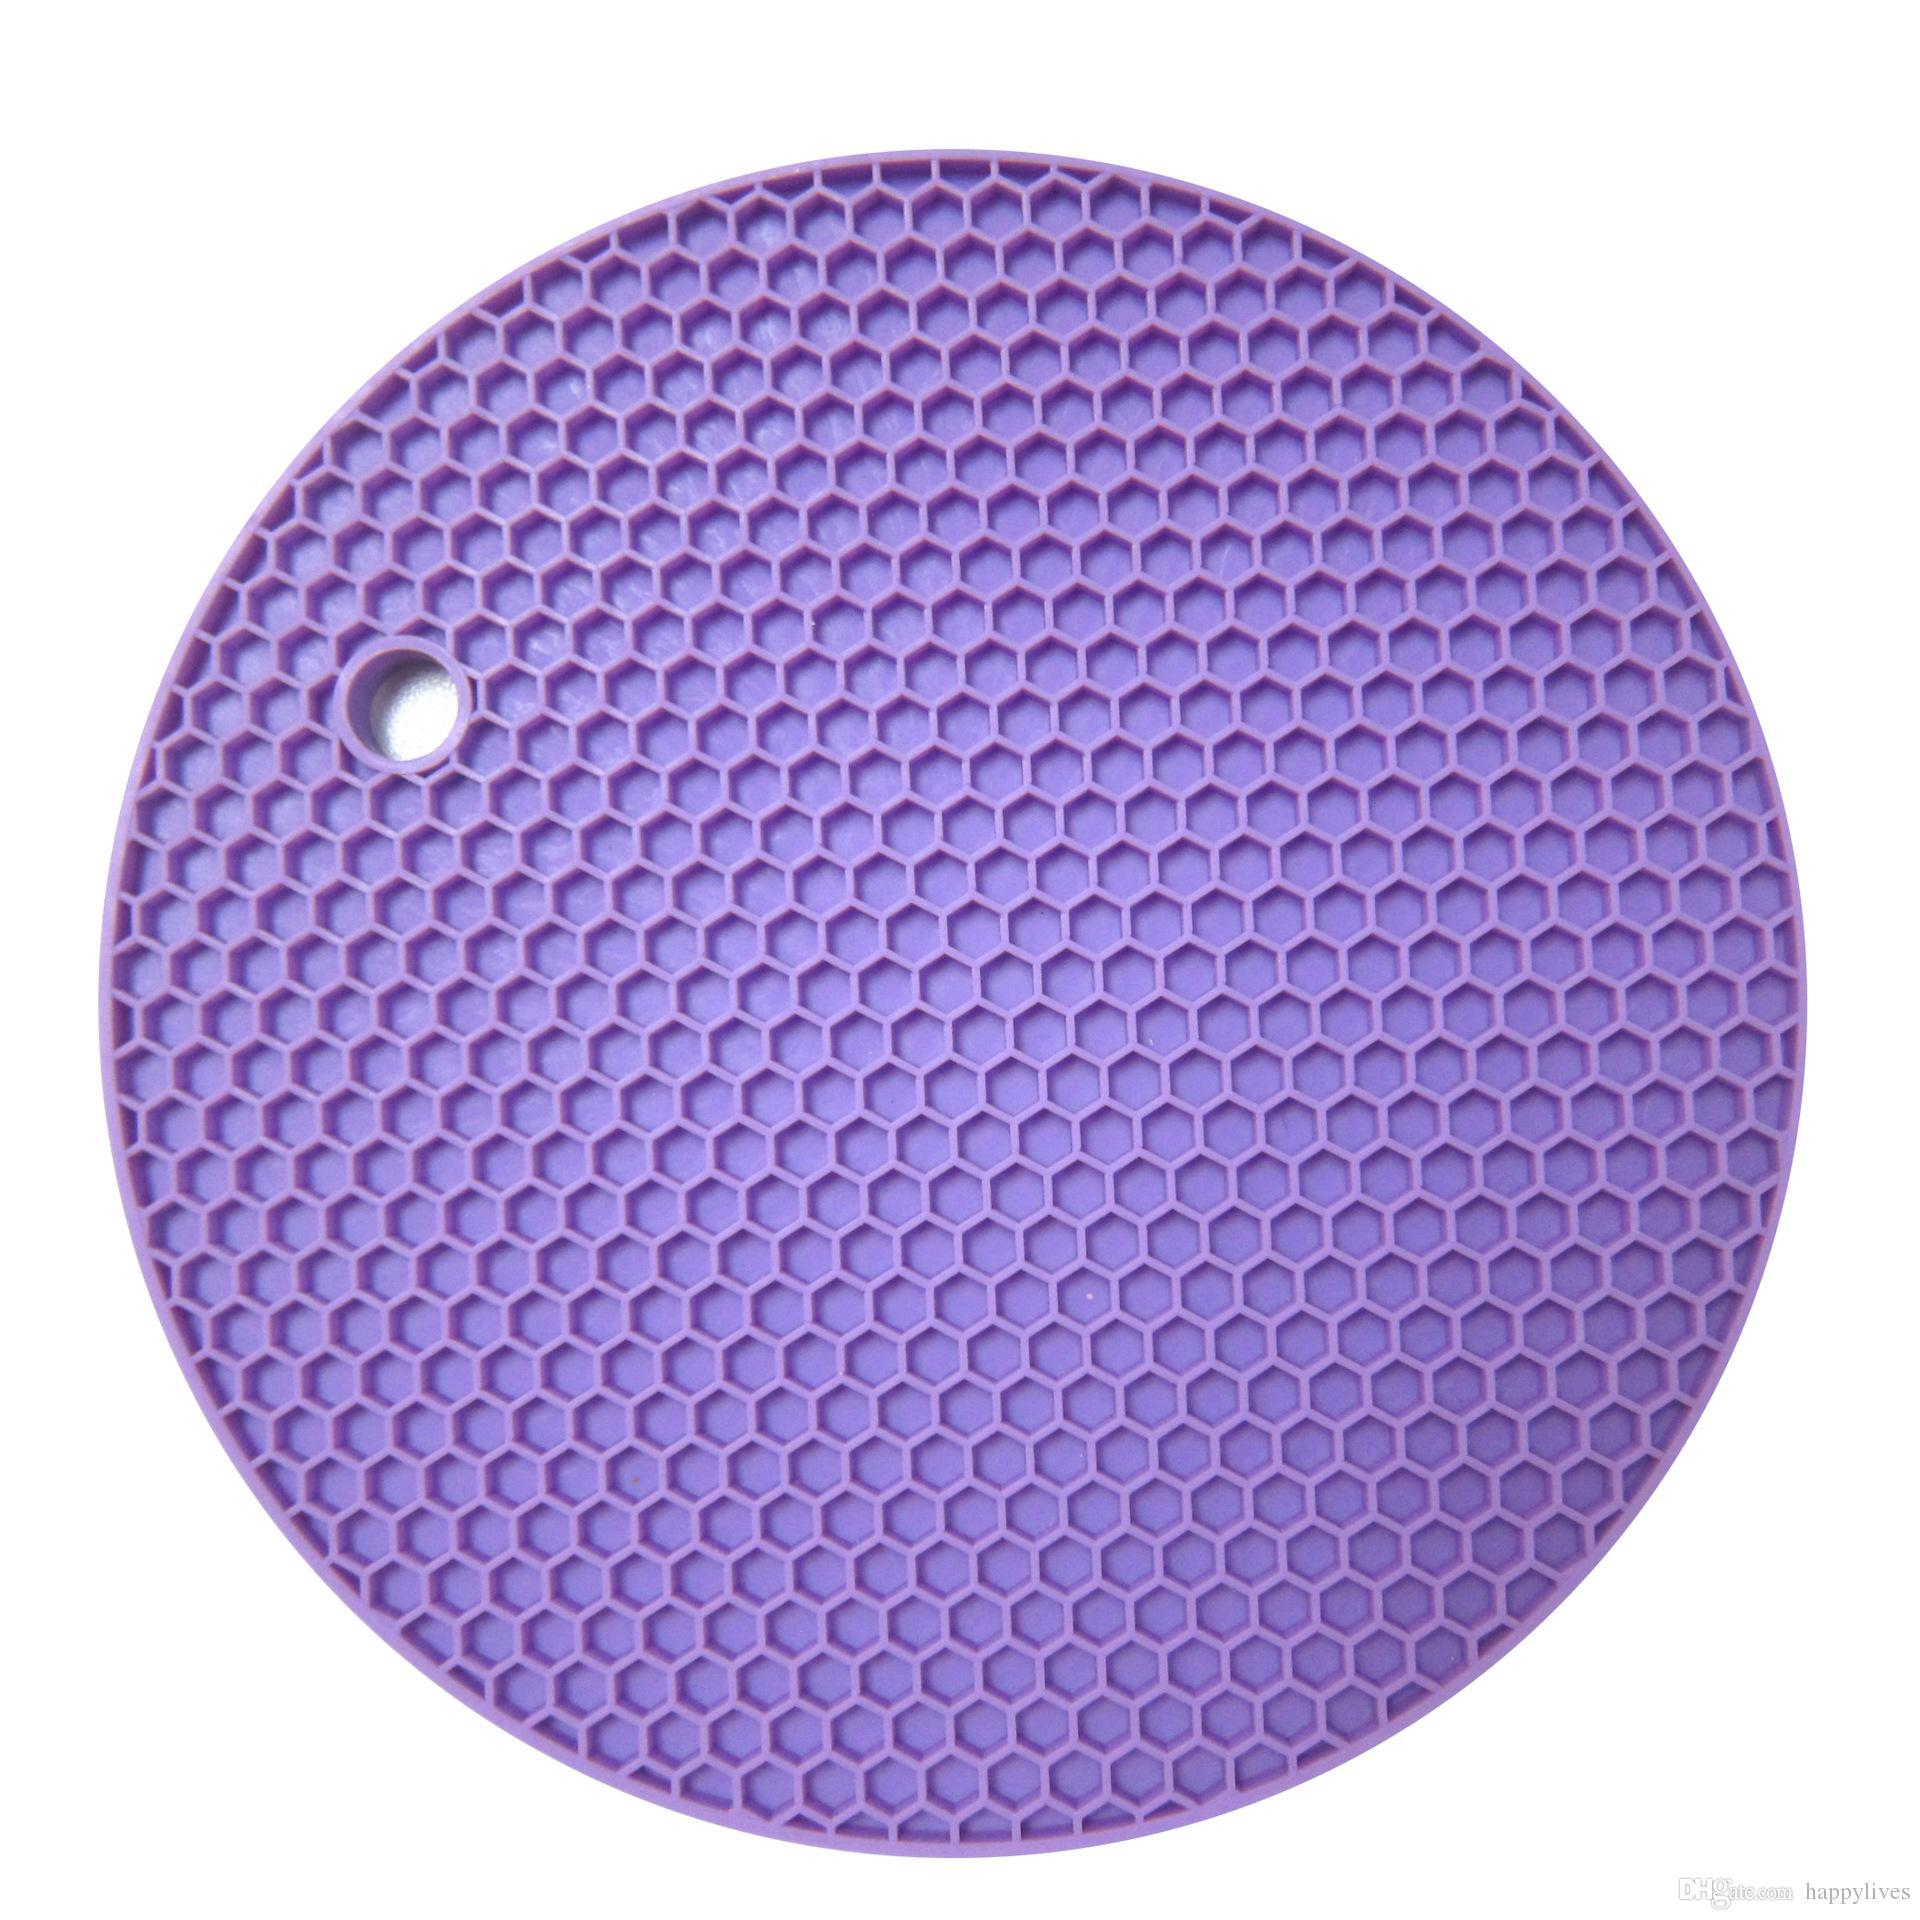 Tabela Almofada De Silicone De Silicone Não-slip Resistente Ao Calor Mat Coaster Almofada Placemat Pote Titular Acessórios de Cozinha Utensílios de Cozinha